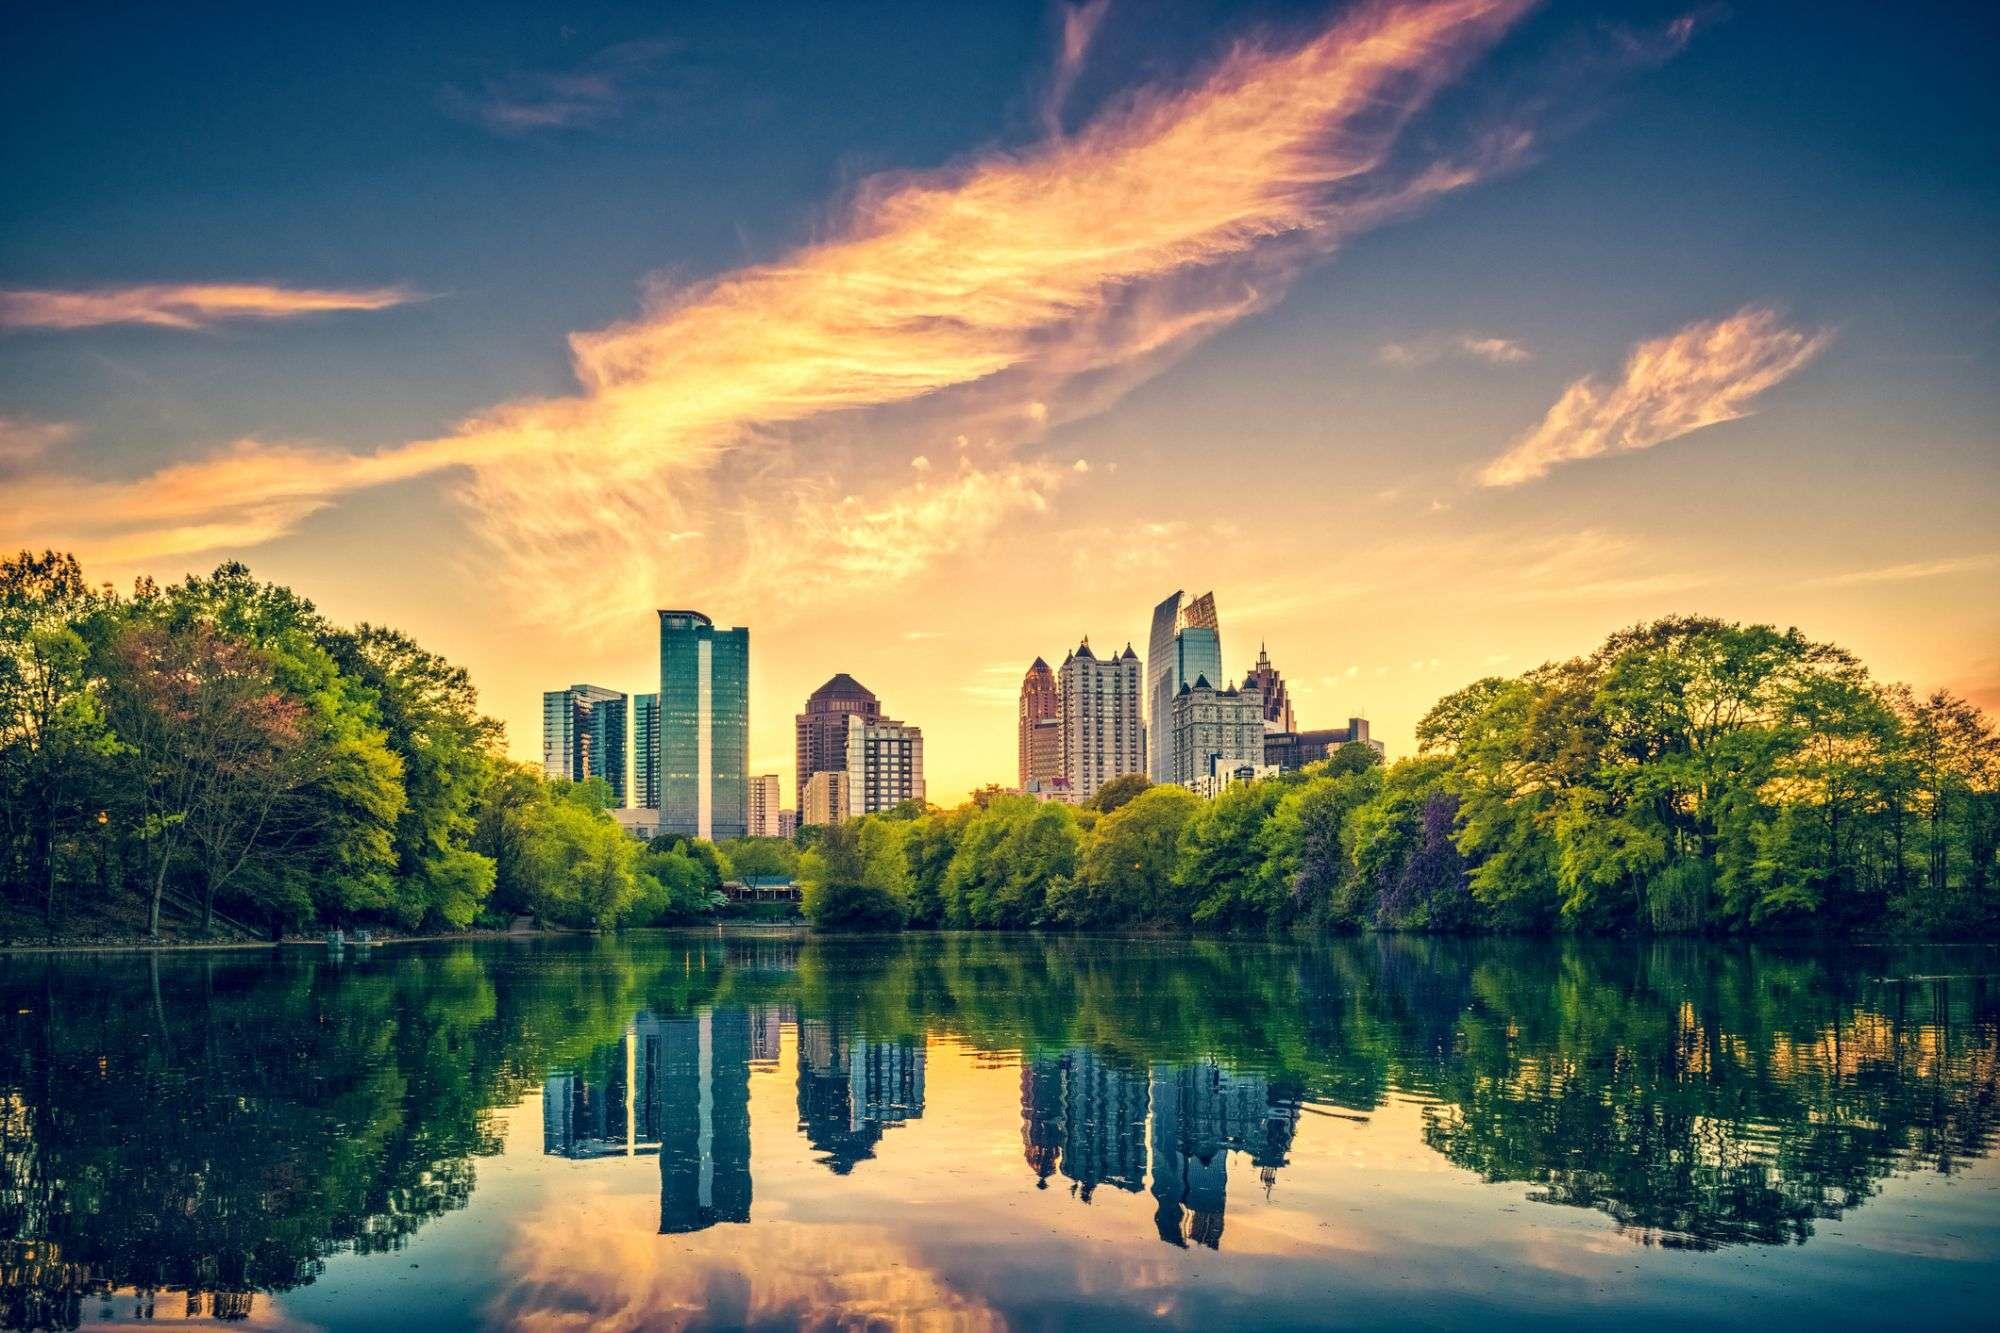 Por que morar em Atlanta? Confira aqui 3 motivos